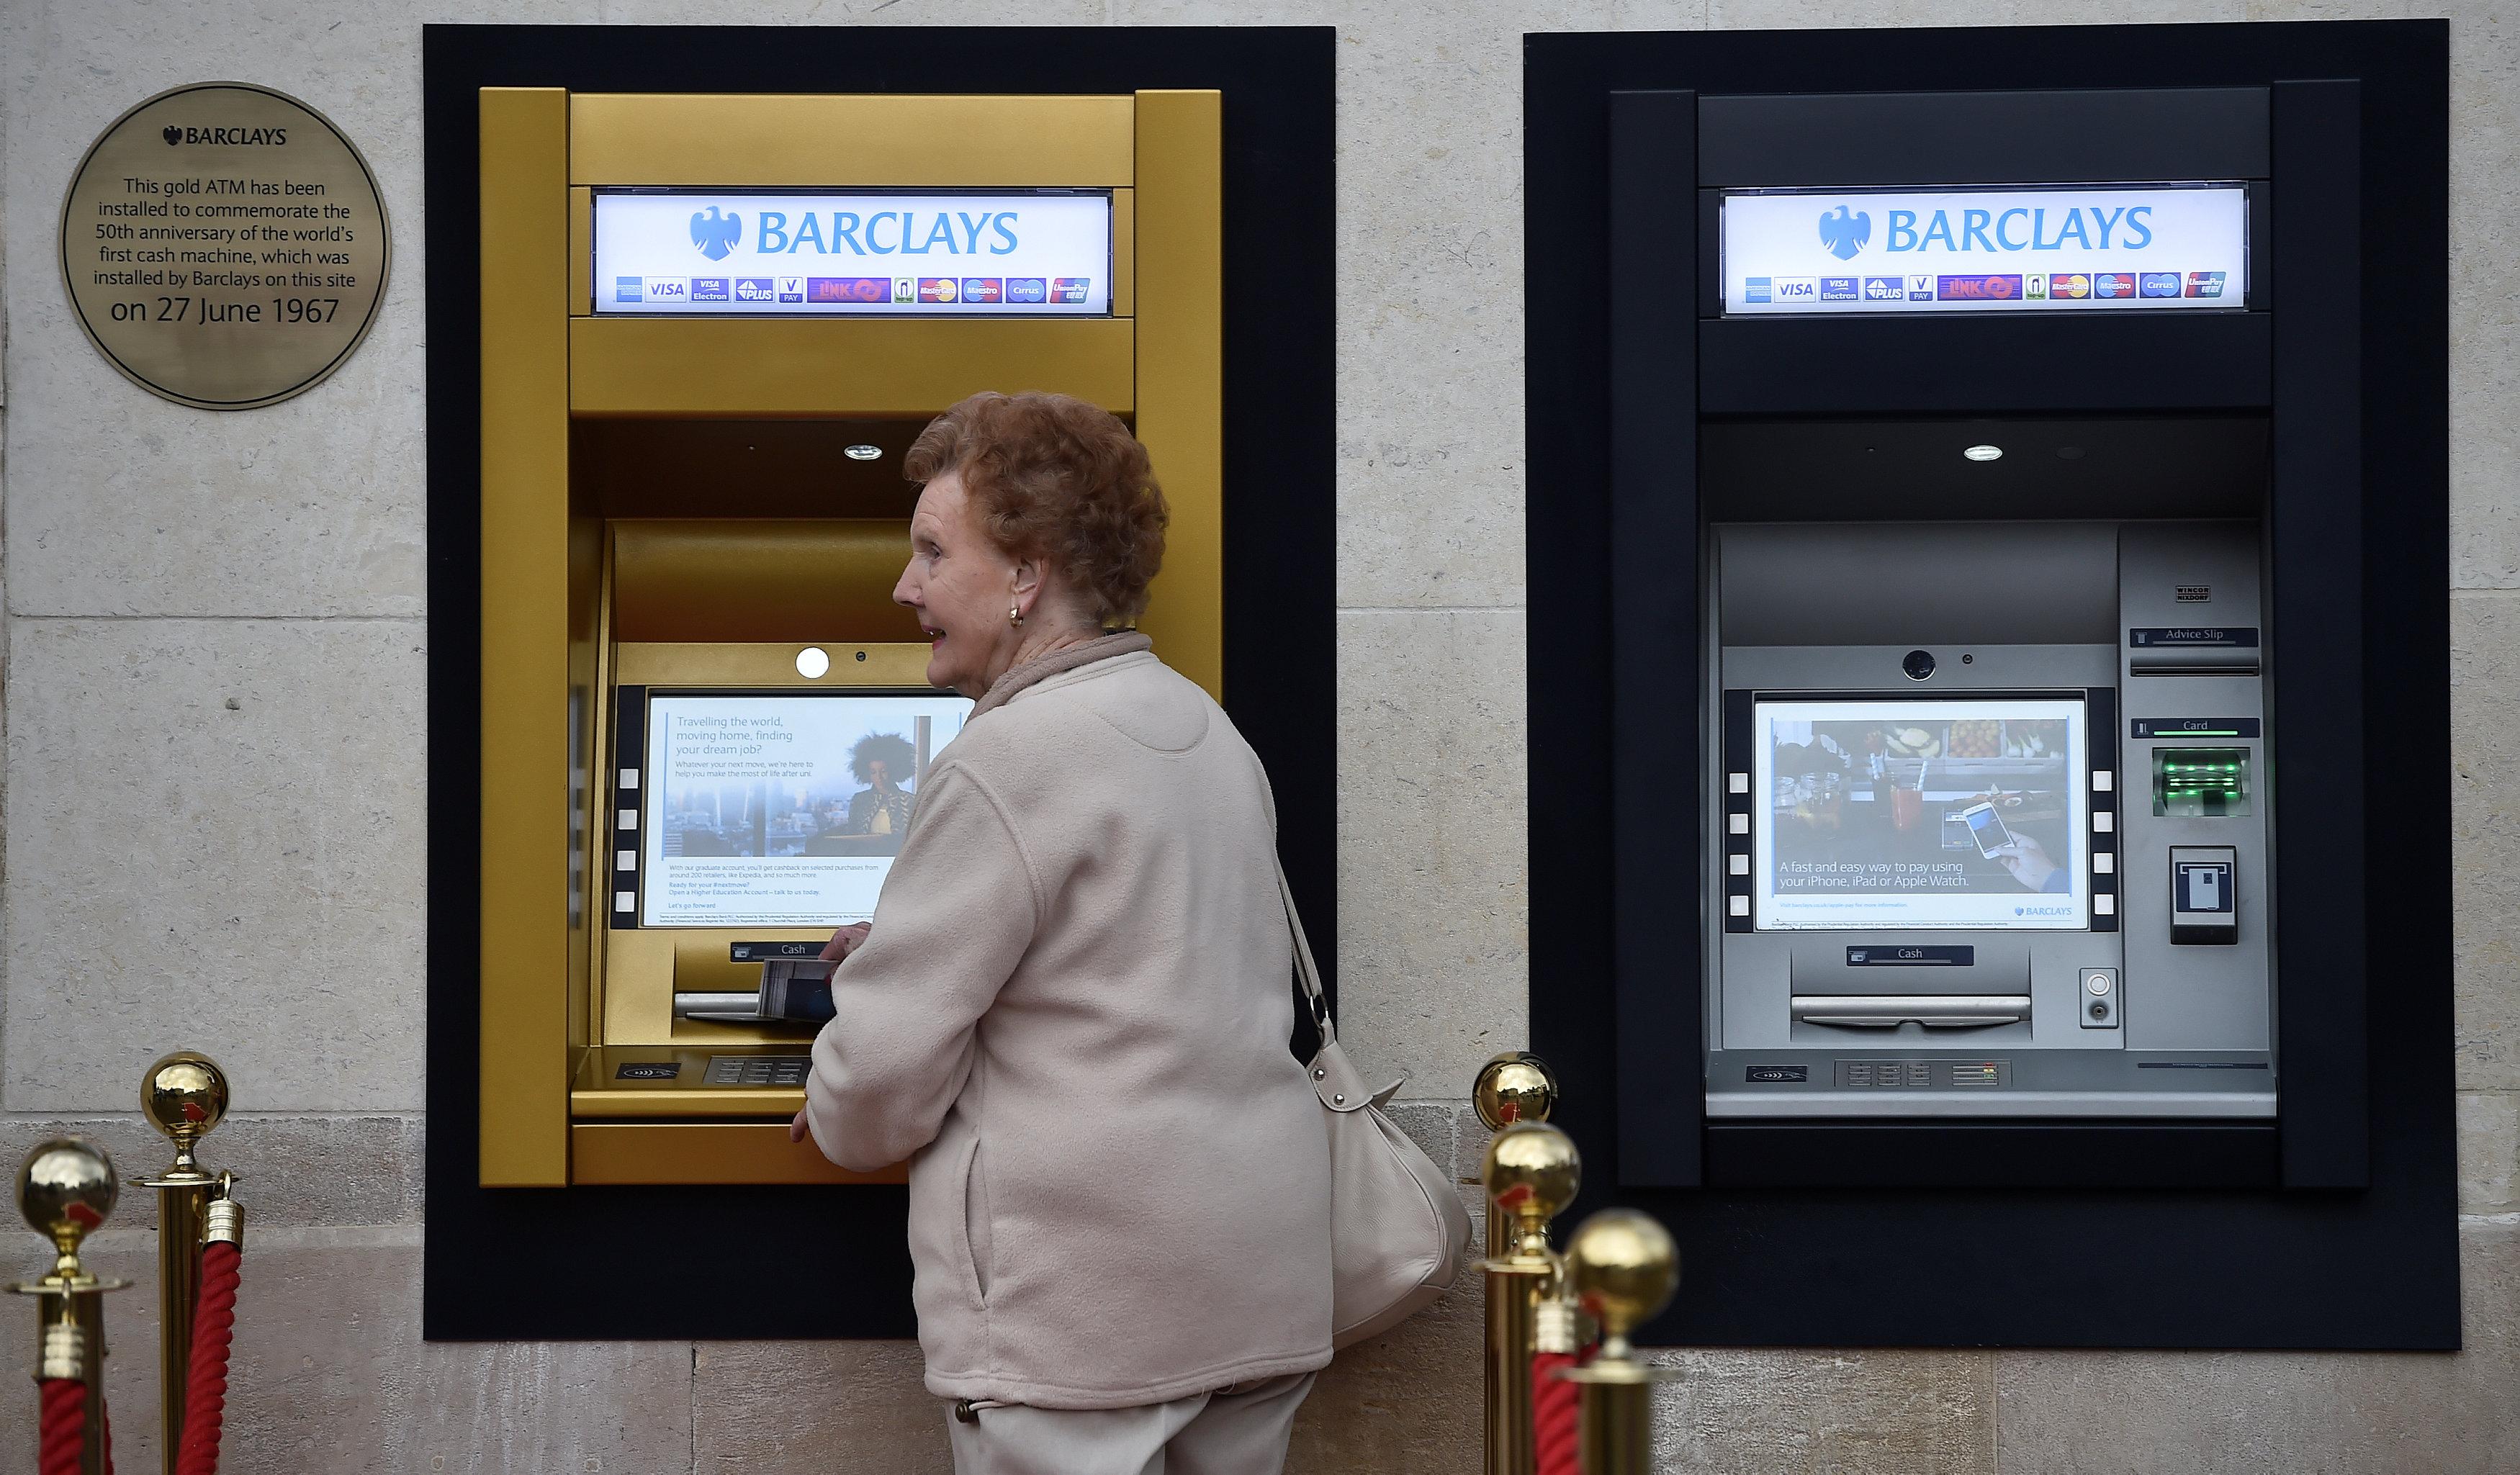 سيدة قرب أول ماكينة صرف آلى فى العالم باللون الذهبى